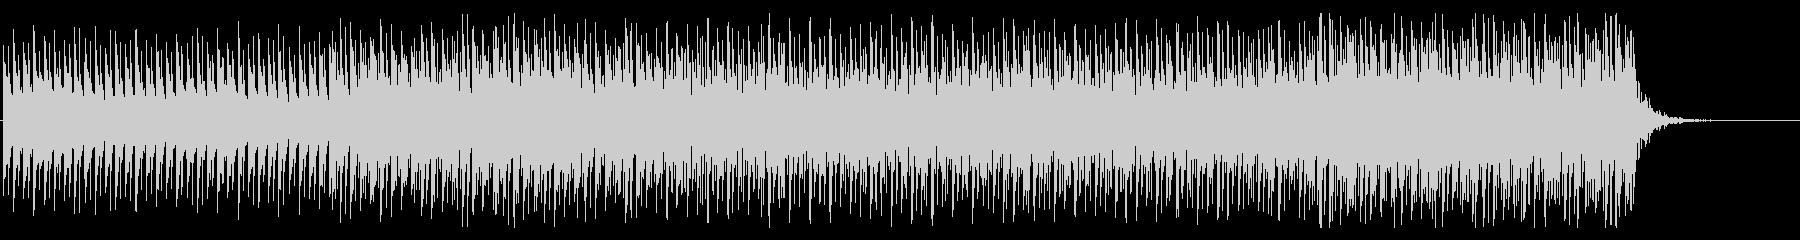 複雑でリズミカルなシンセBGMの未再生の波形